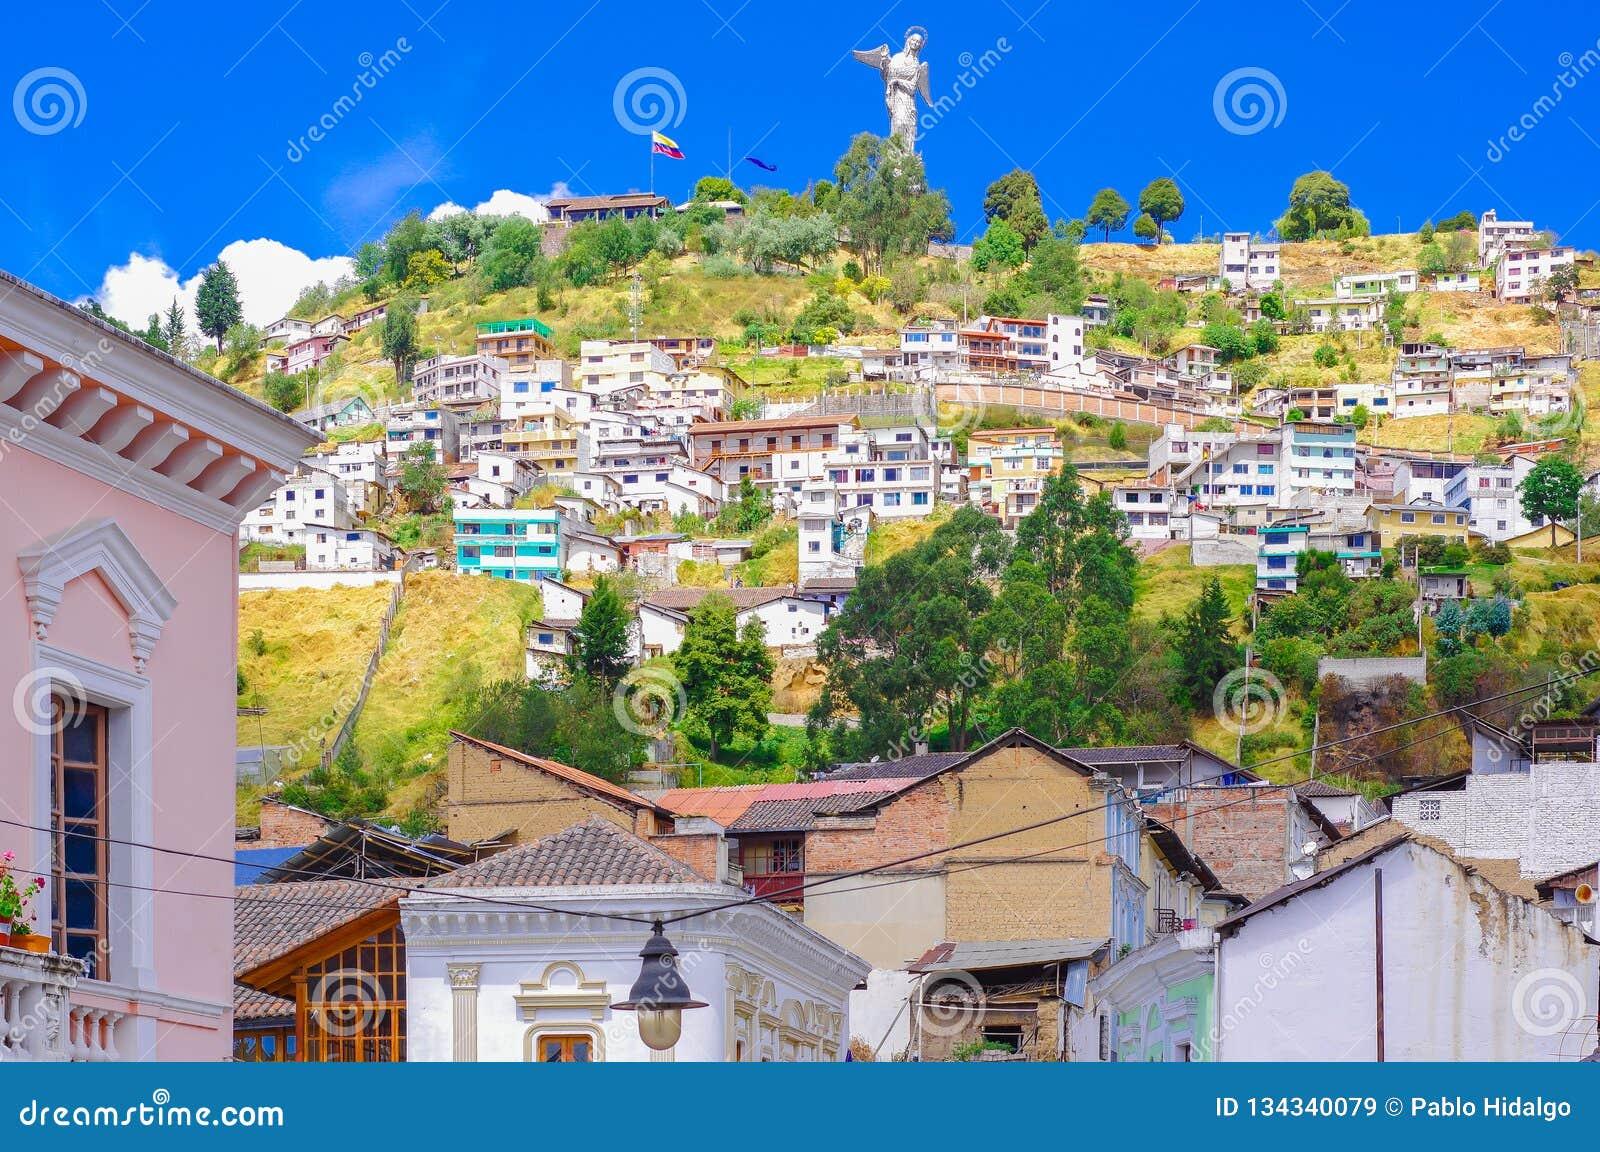 На открытом воздухе взгляд колониальных домов зданий расположенных в городе Кито со статуей девственницы Panecillo в